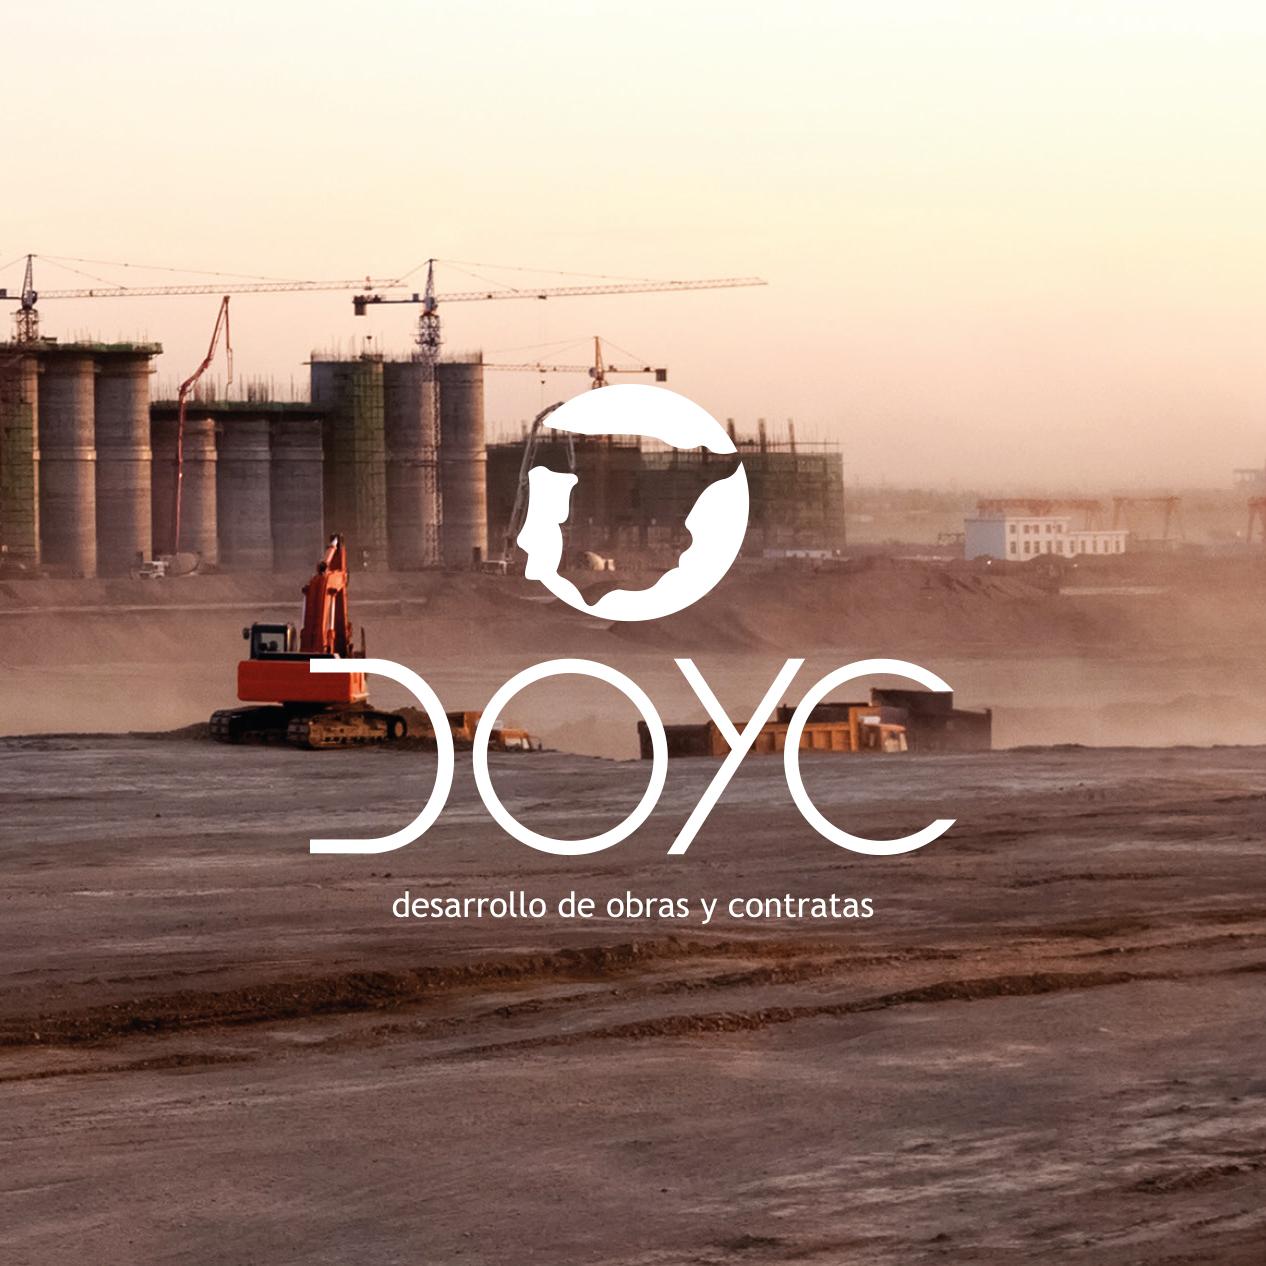 Publicidad para constructoras DOYC